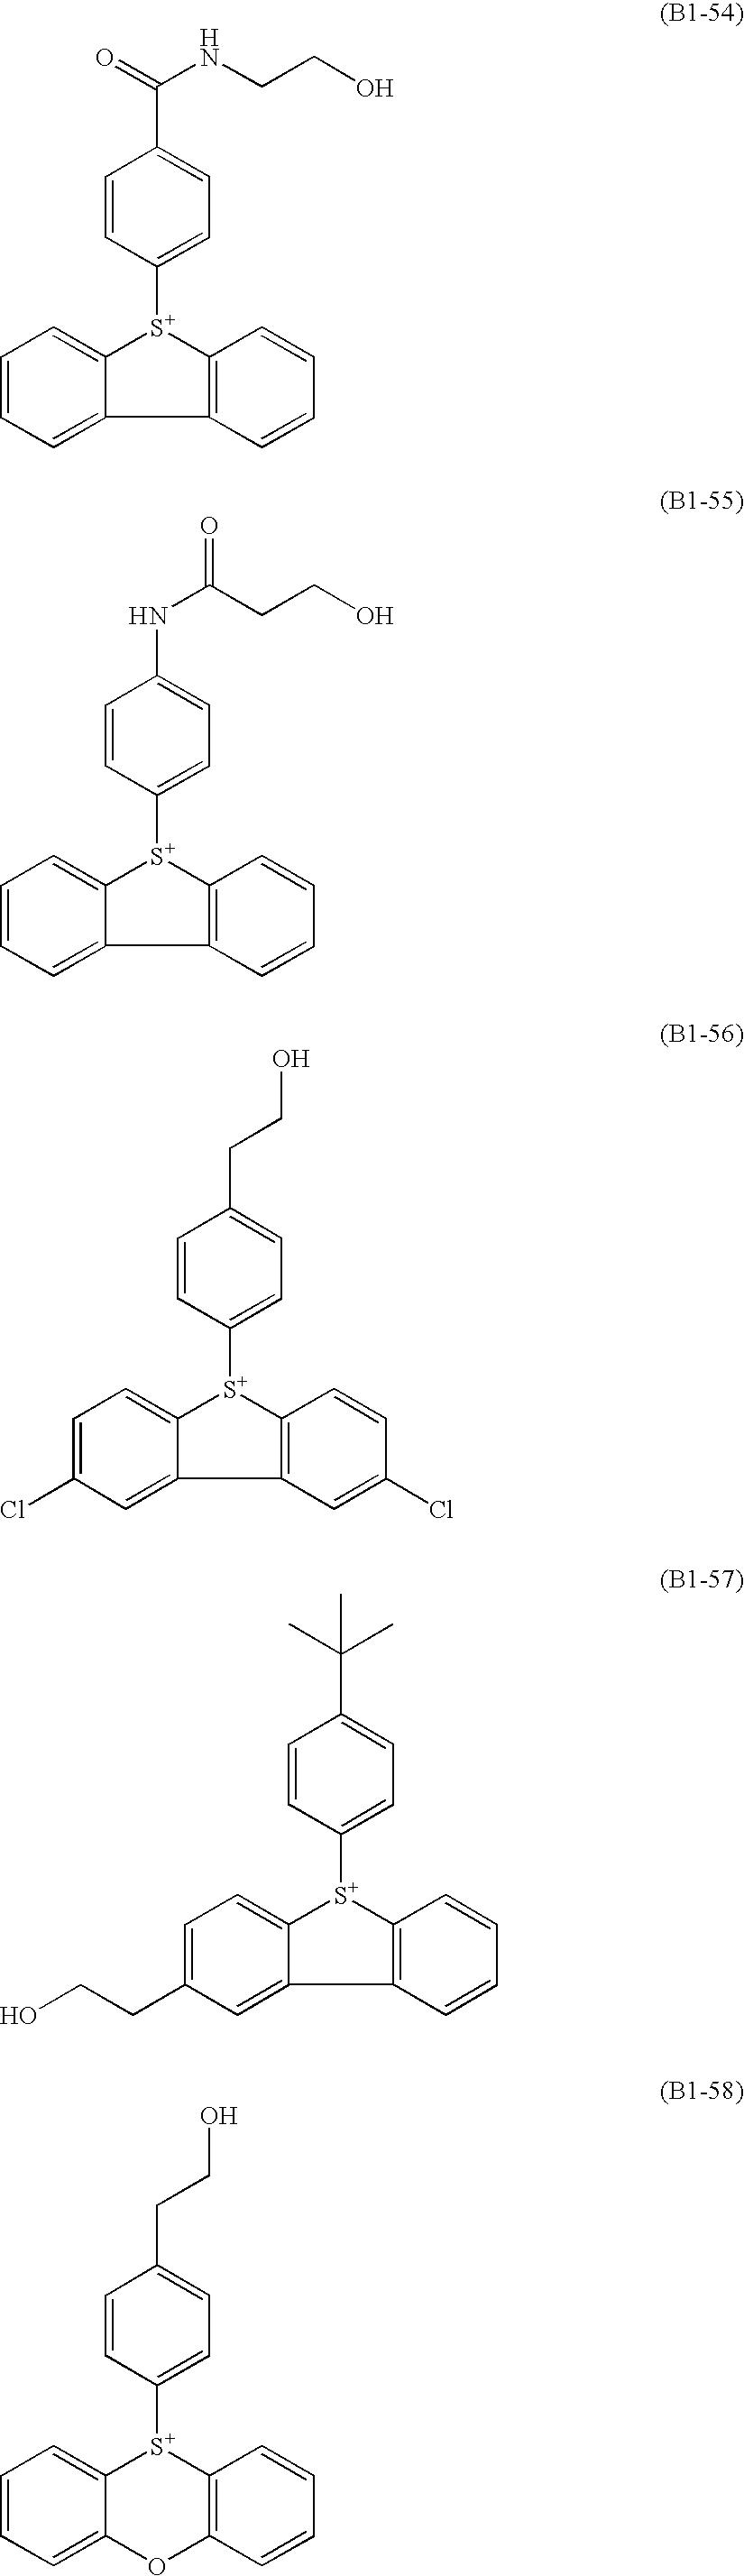 Figure US20100183975A1-20100722-C00021